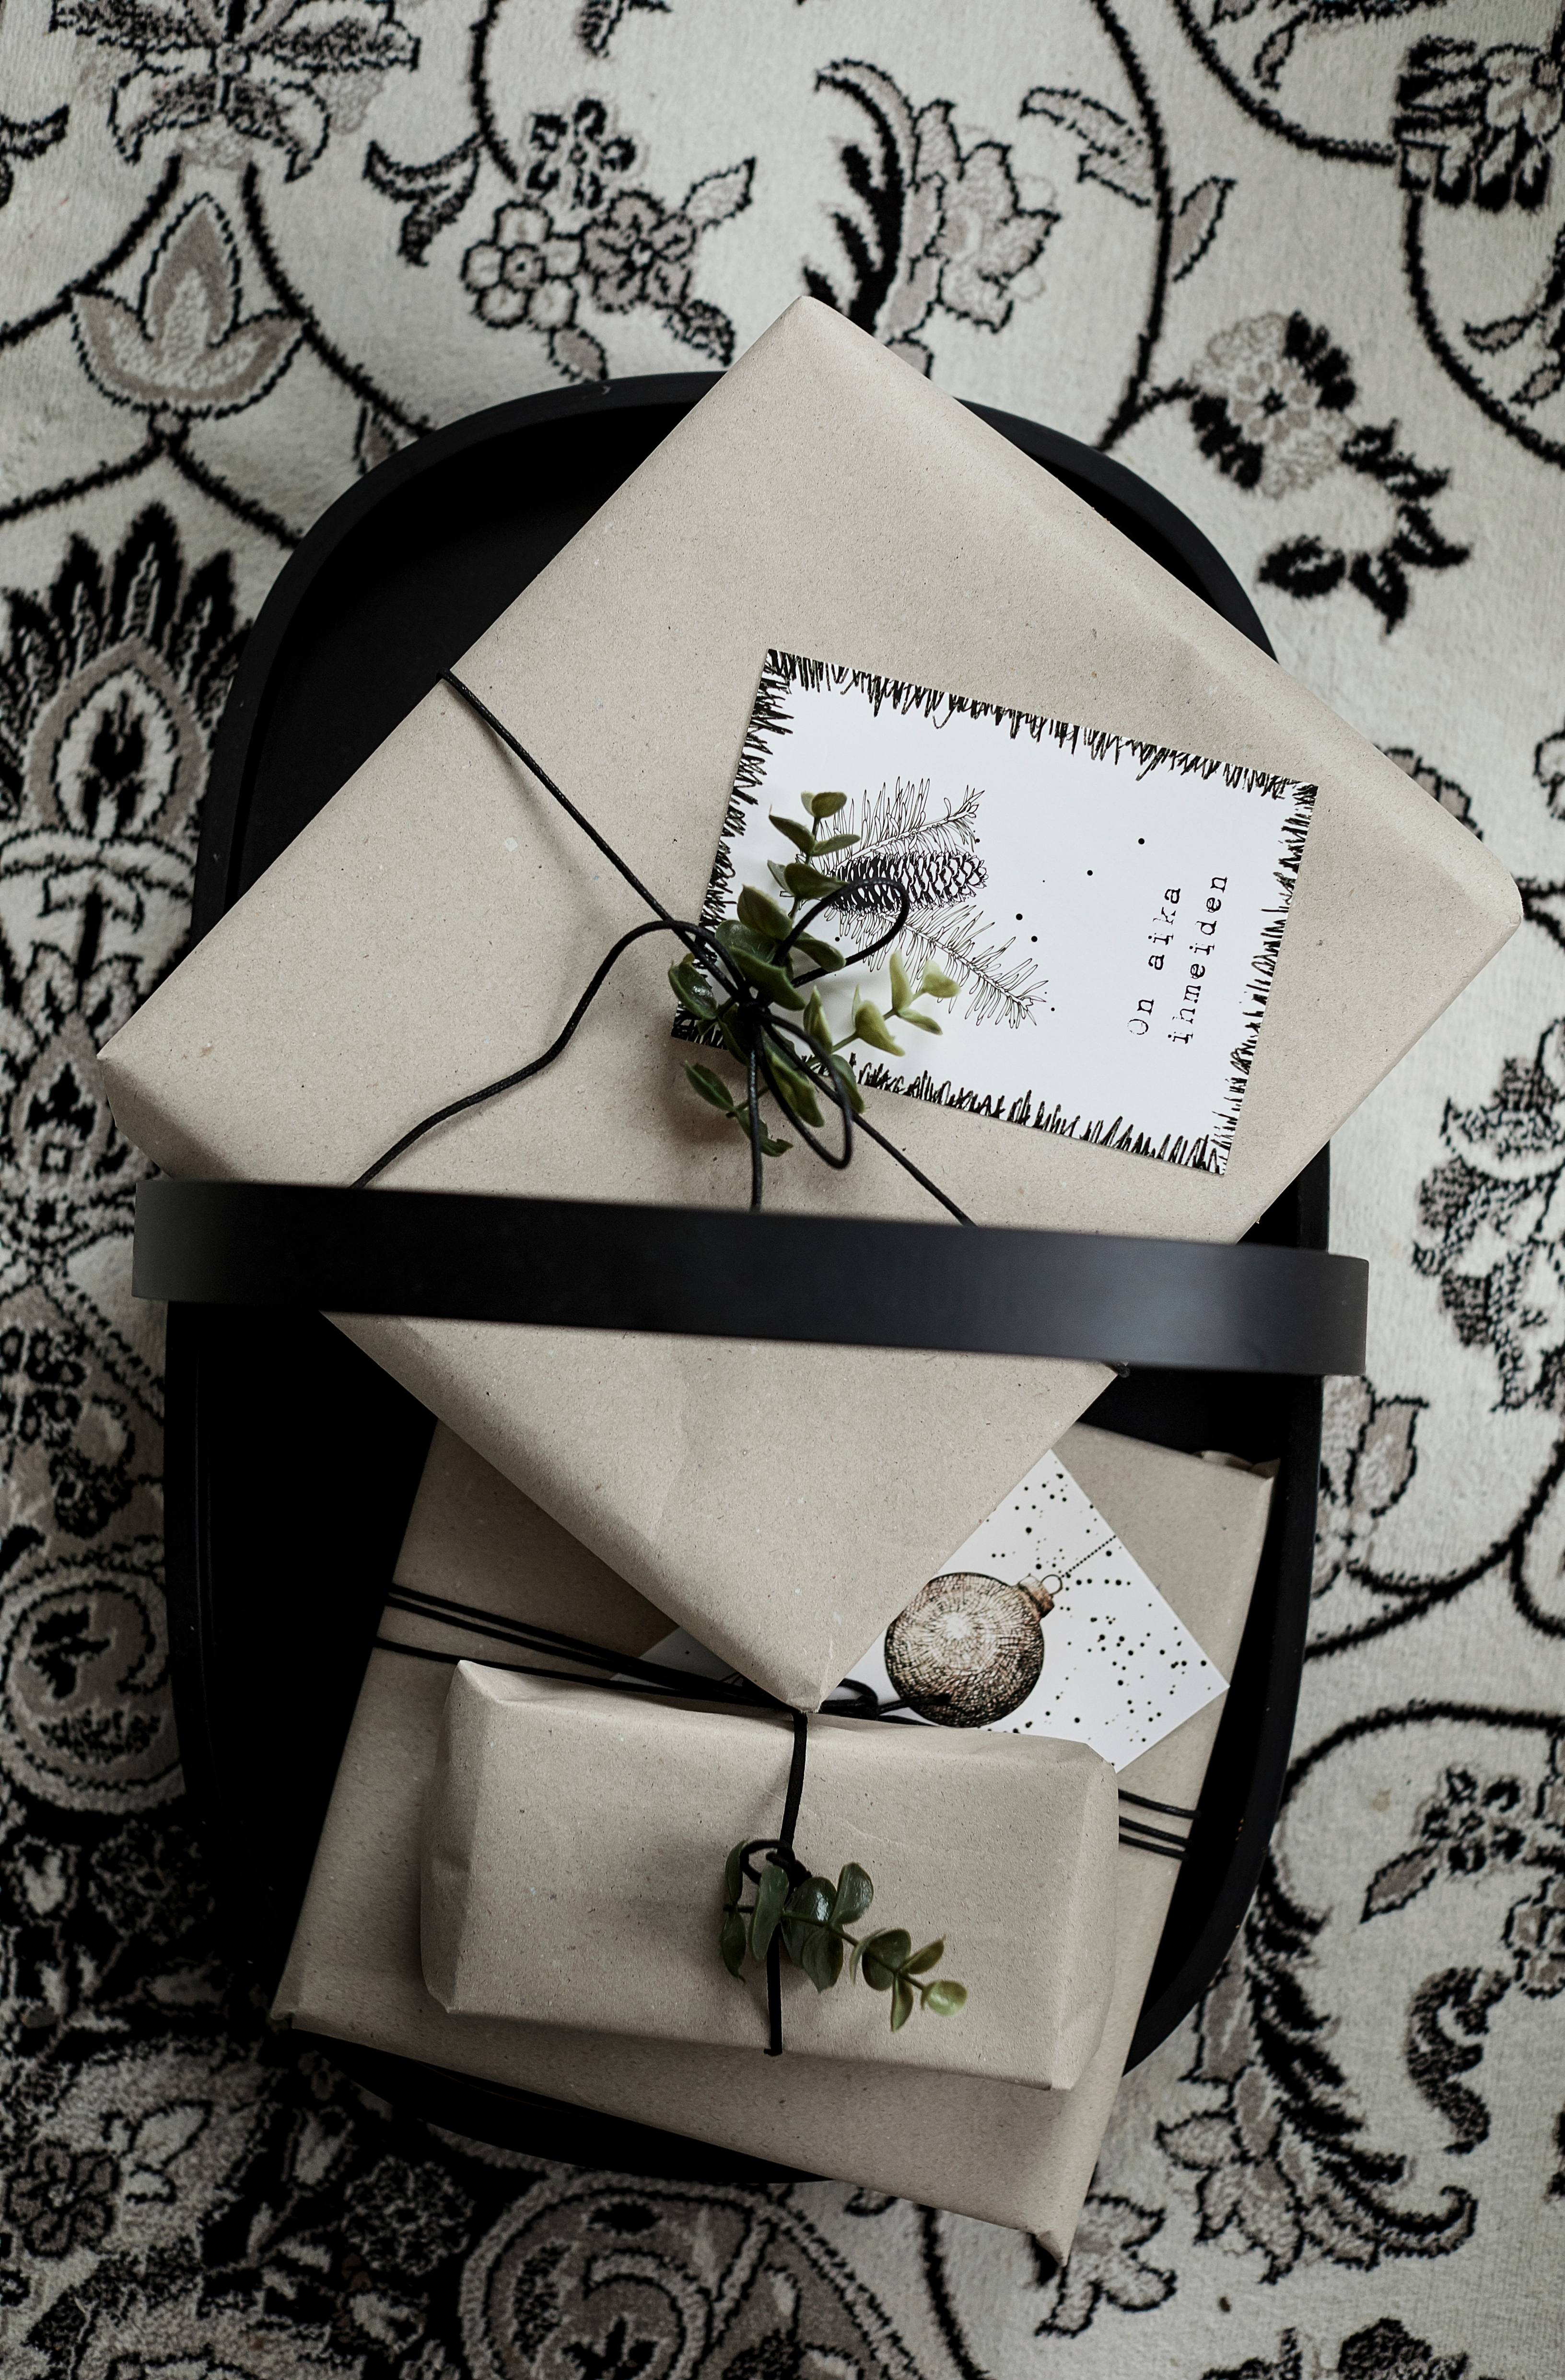 Paketoinnissa voi hyvin hyödyntää erilaisia jämämateriaaleja. Vain mielikuvitus on rajana! Nämä paketit on kääritty maalaamisesta ylijääneeseen suojapaperiin. Kivoja vaihtoehtoja ovat myös esimerkiksi tapetit ja vanhat lehdet.